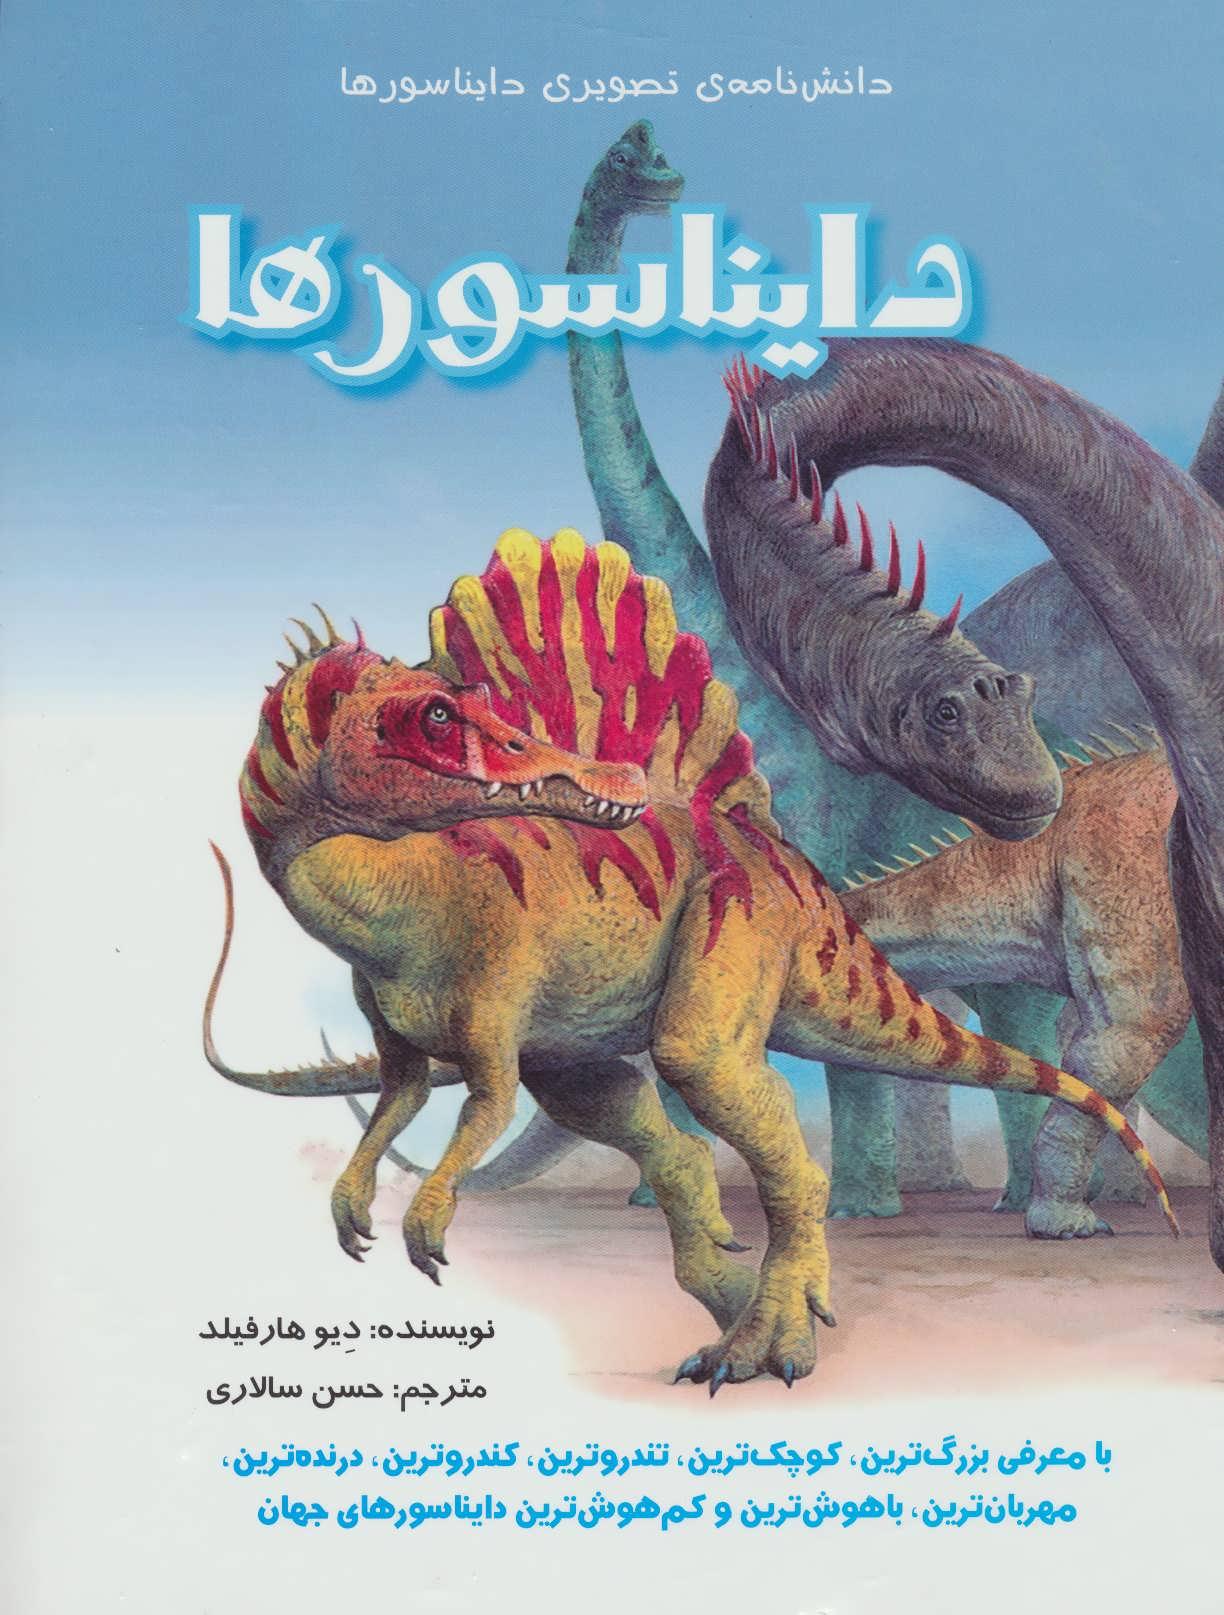 دانش نامه ی تصویری دایناسورها (گلاسه)